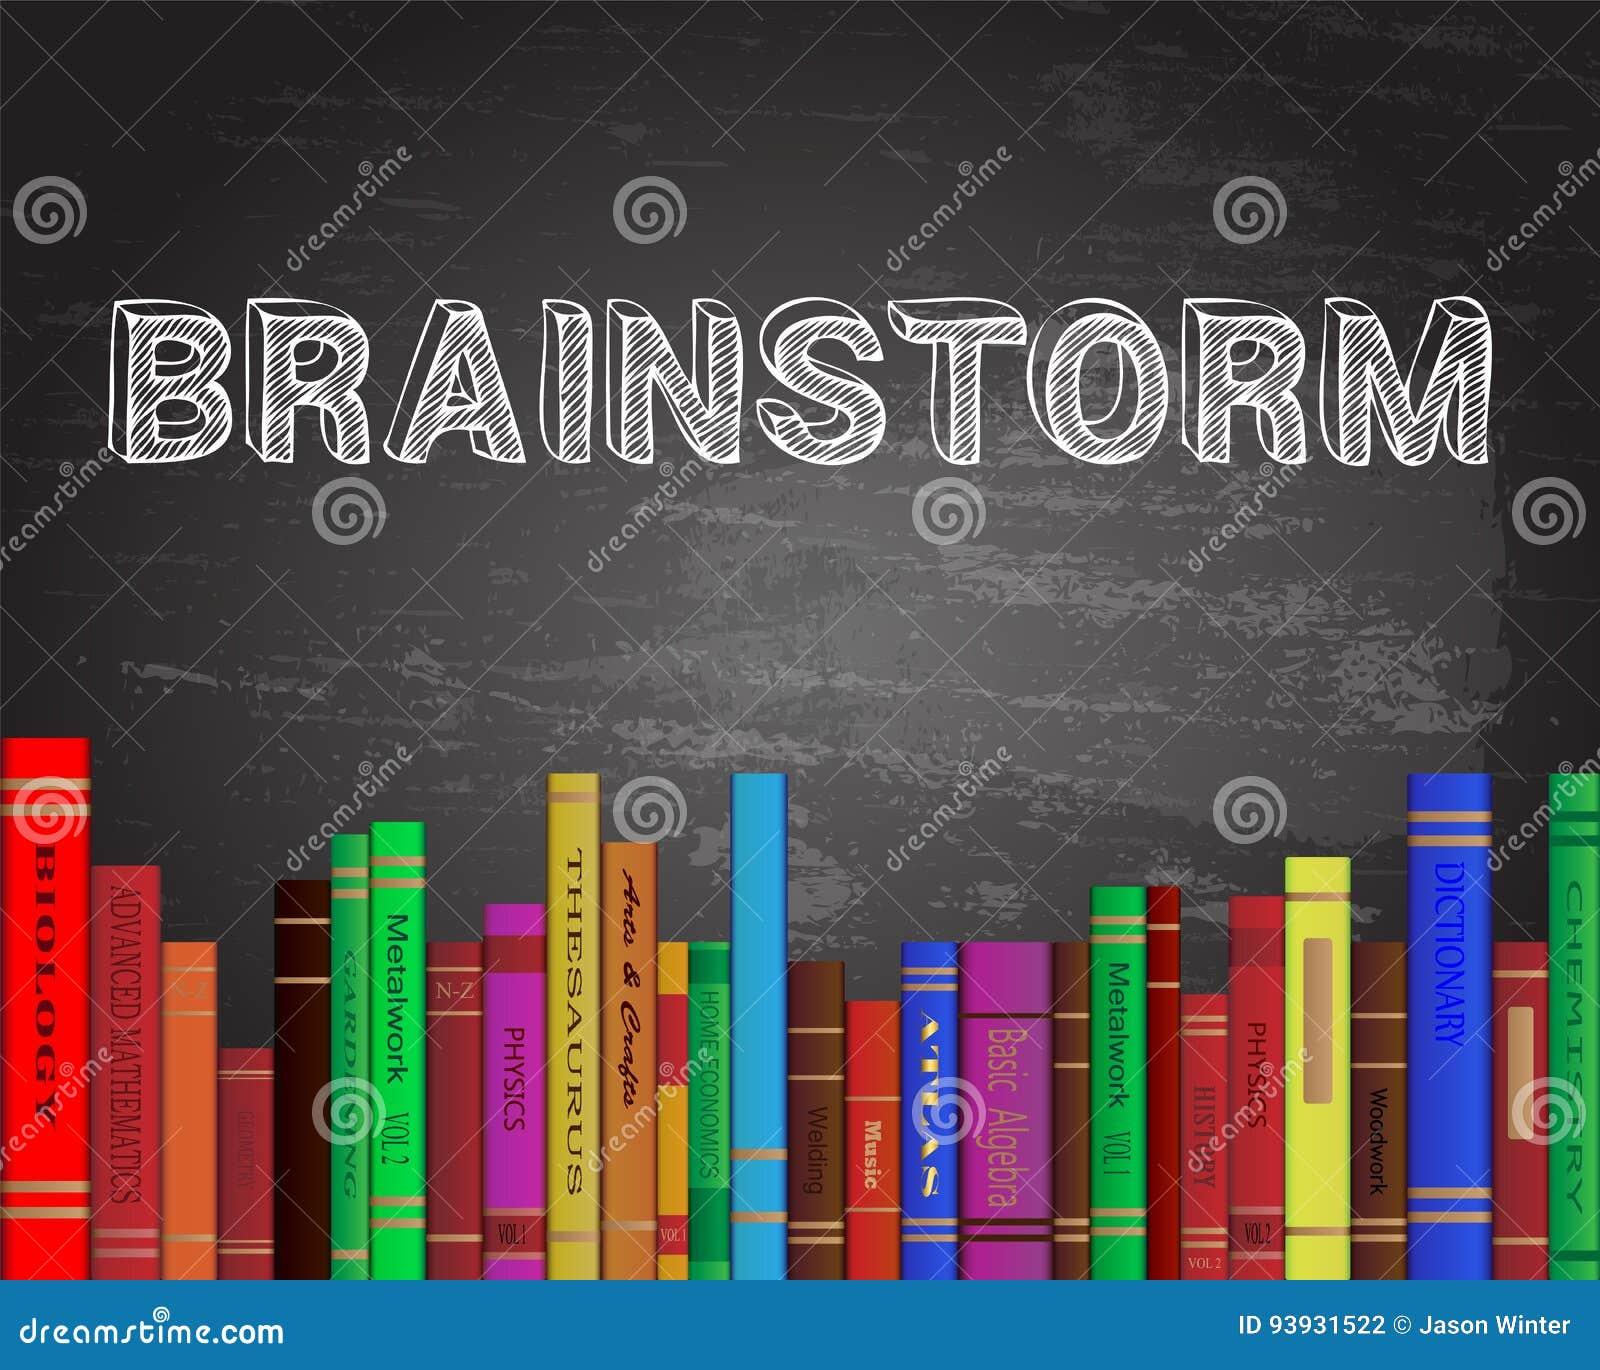 Brainstorm Books Blackboard Stock Vector - Illustration of learn